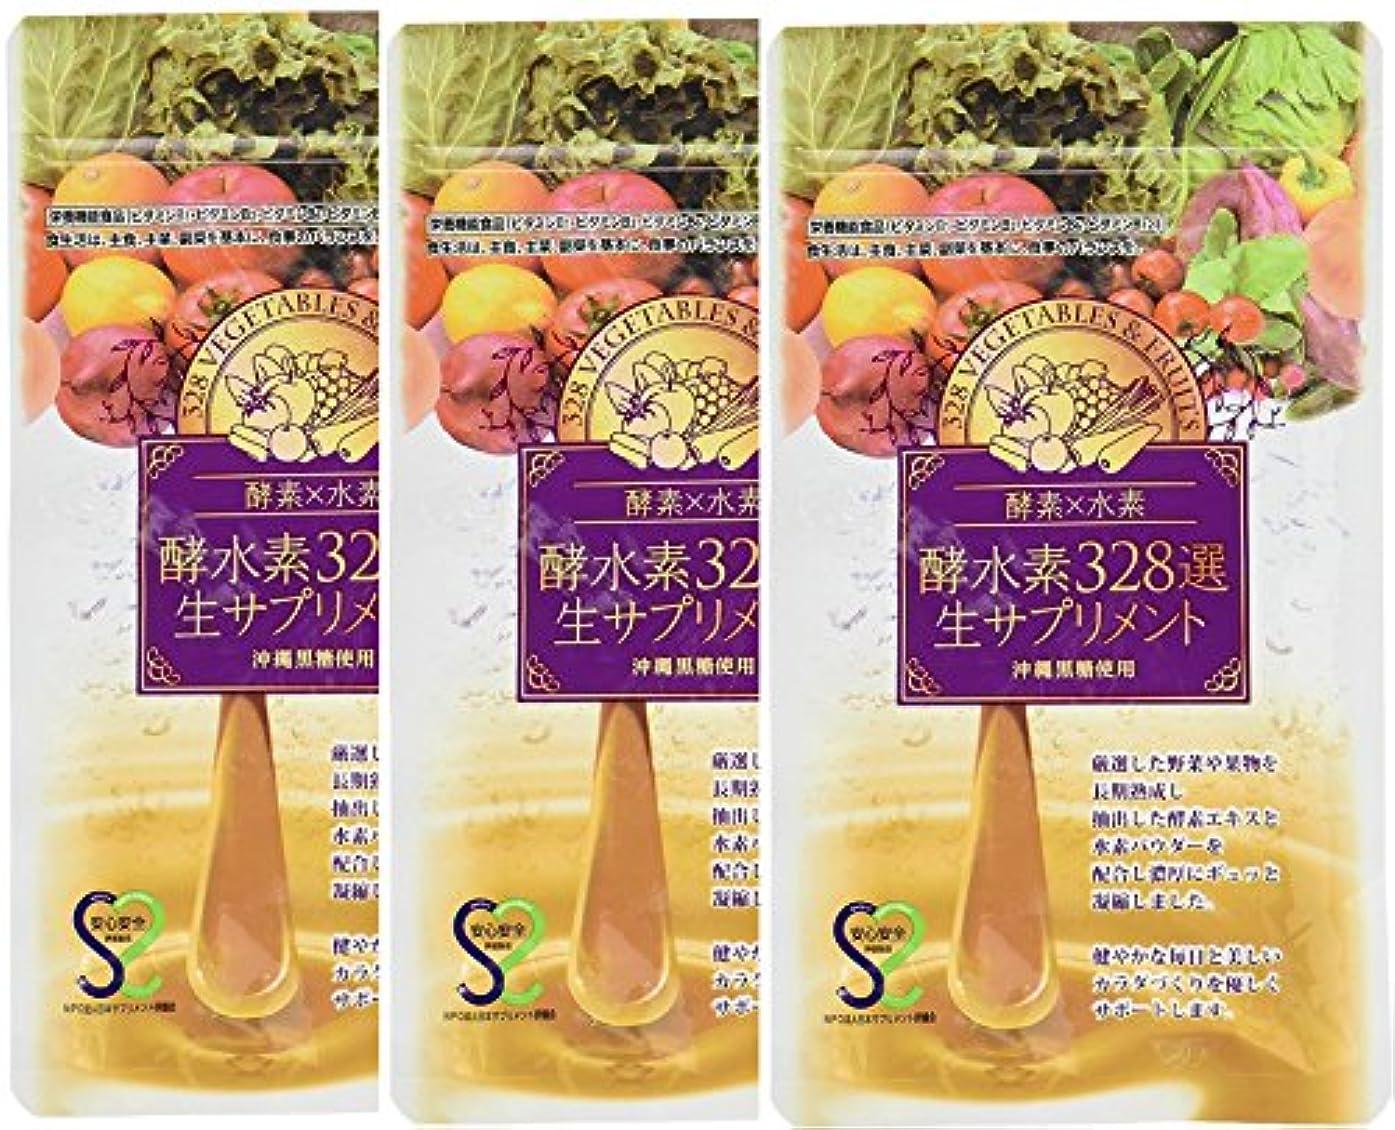 ぶどう火薬給料酵水素328選 生サプリメント×3袋セット